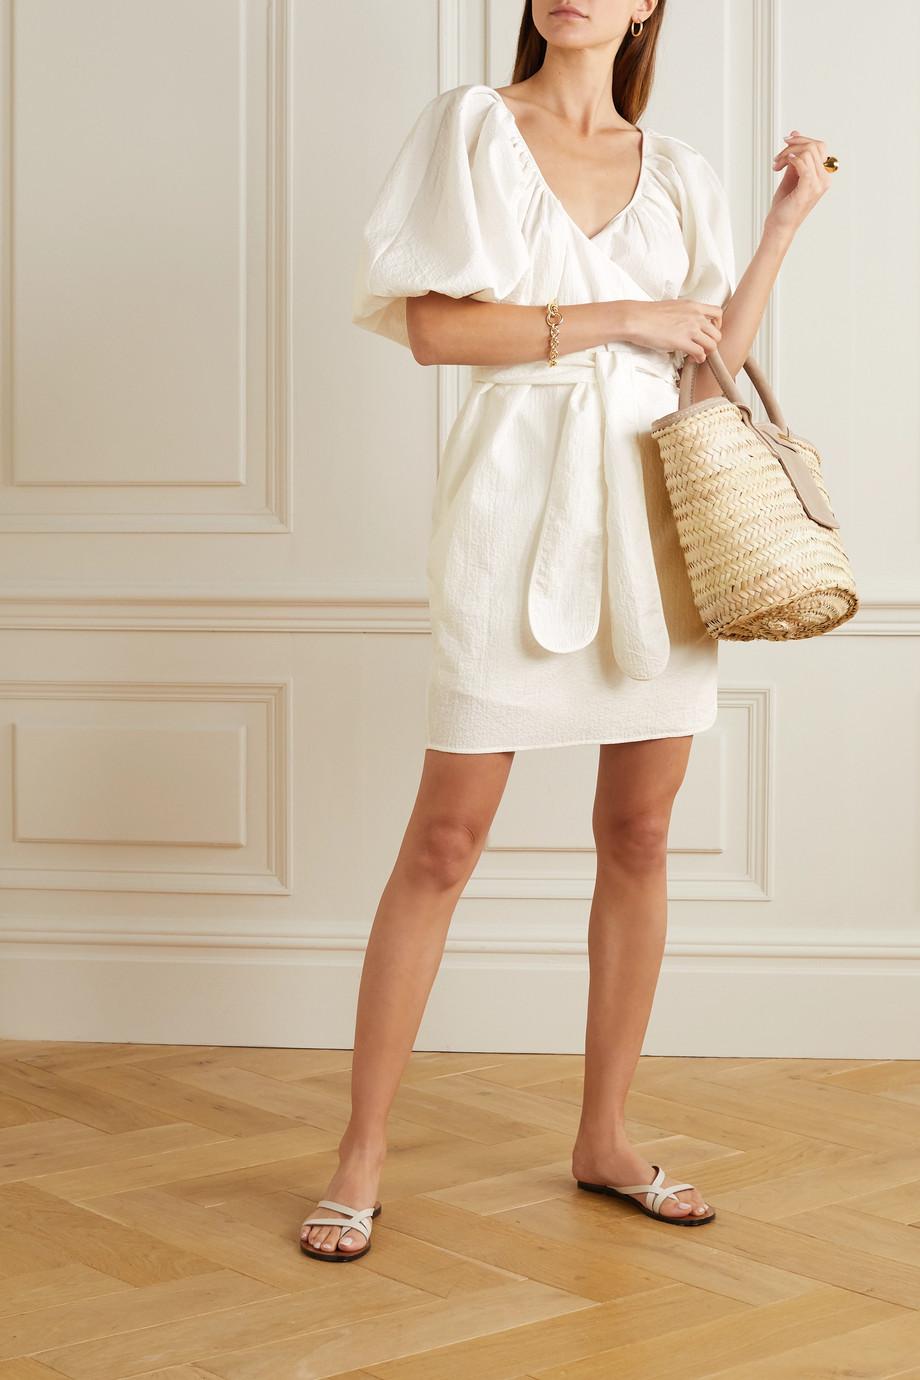 Mara Hoffman Mini-robe portefeuille en coton biologique froissé à ceinture Coletta x LG Electronics - NET SUSTAIN